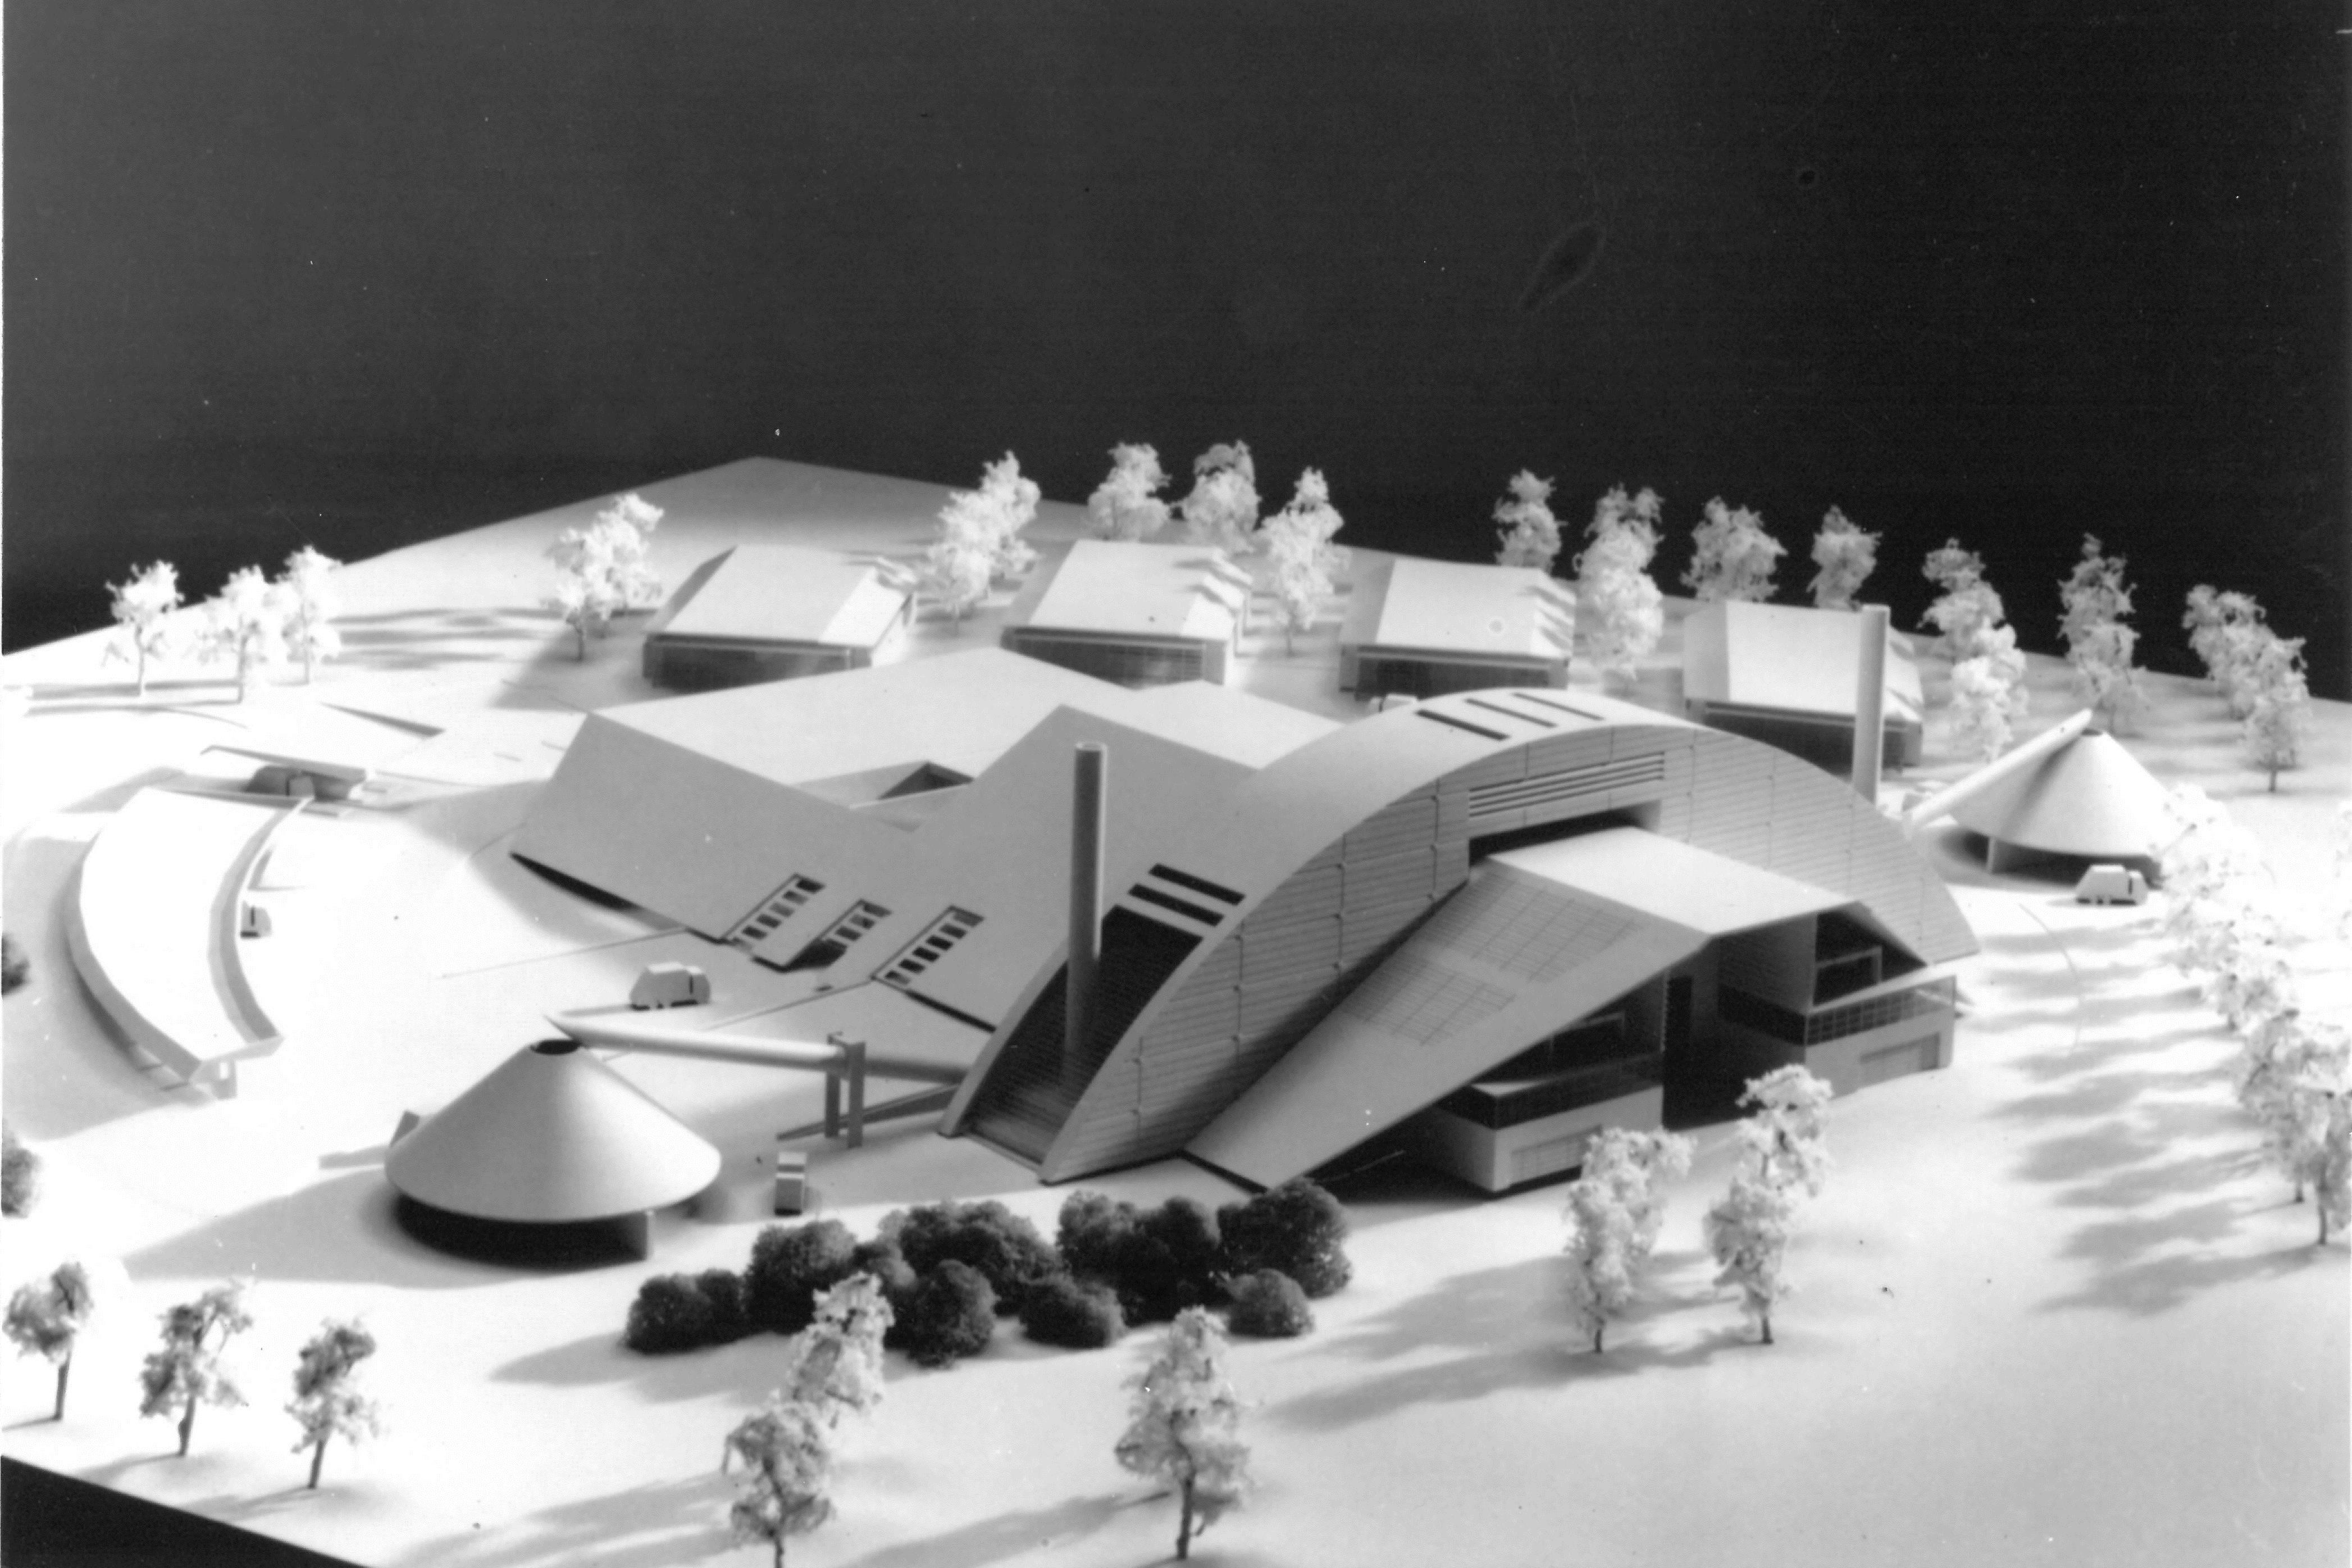 La maquette du centre Auror'environnement à Cergy-Pontoise